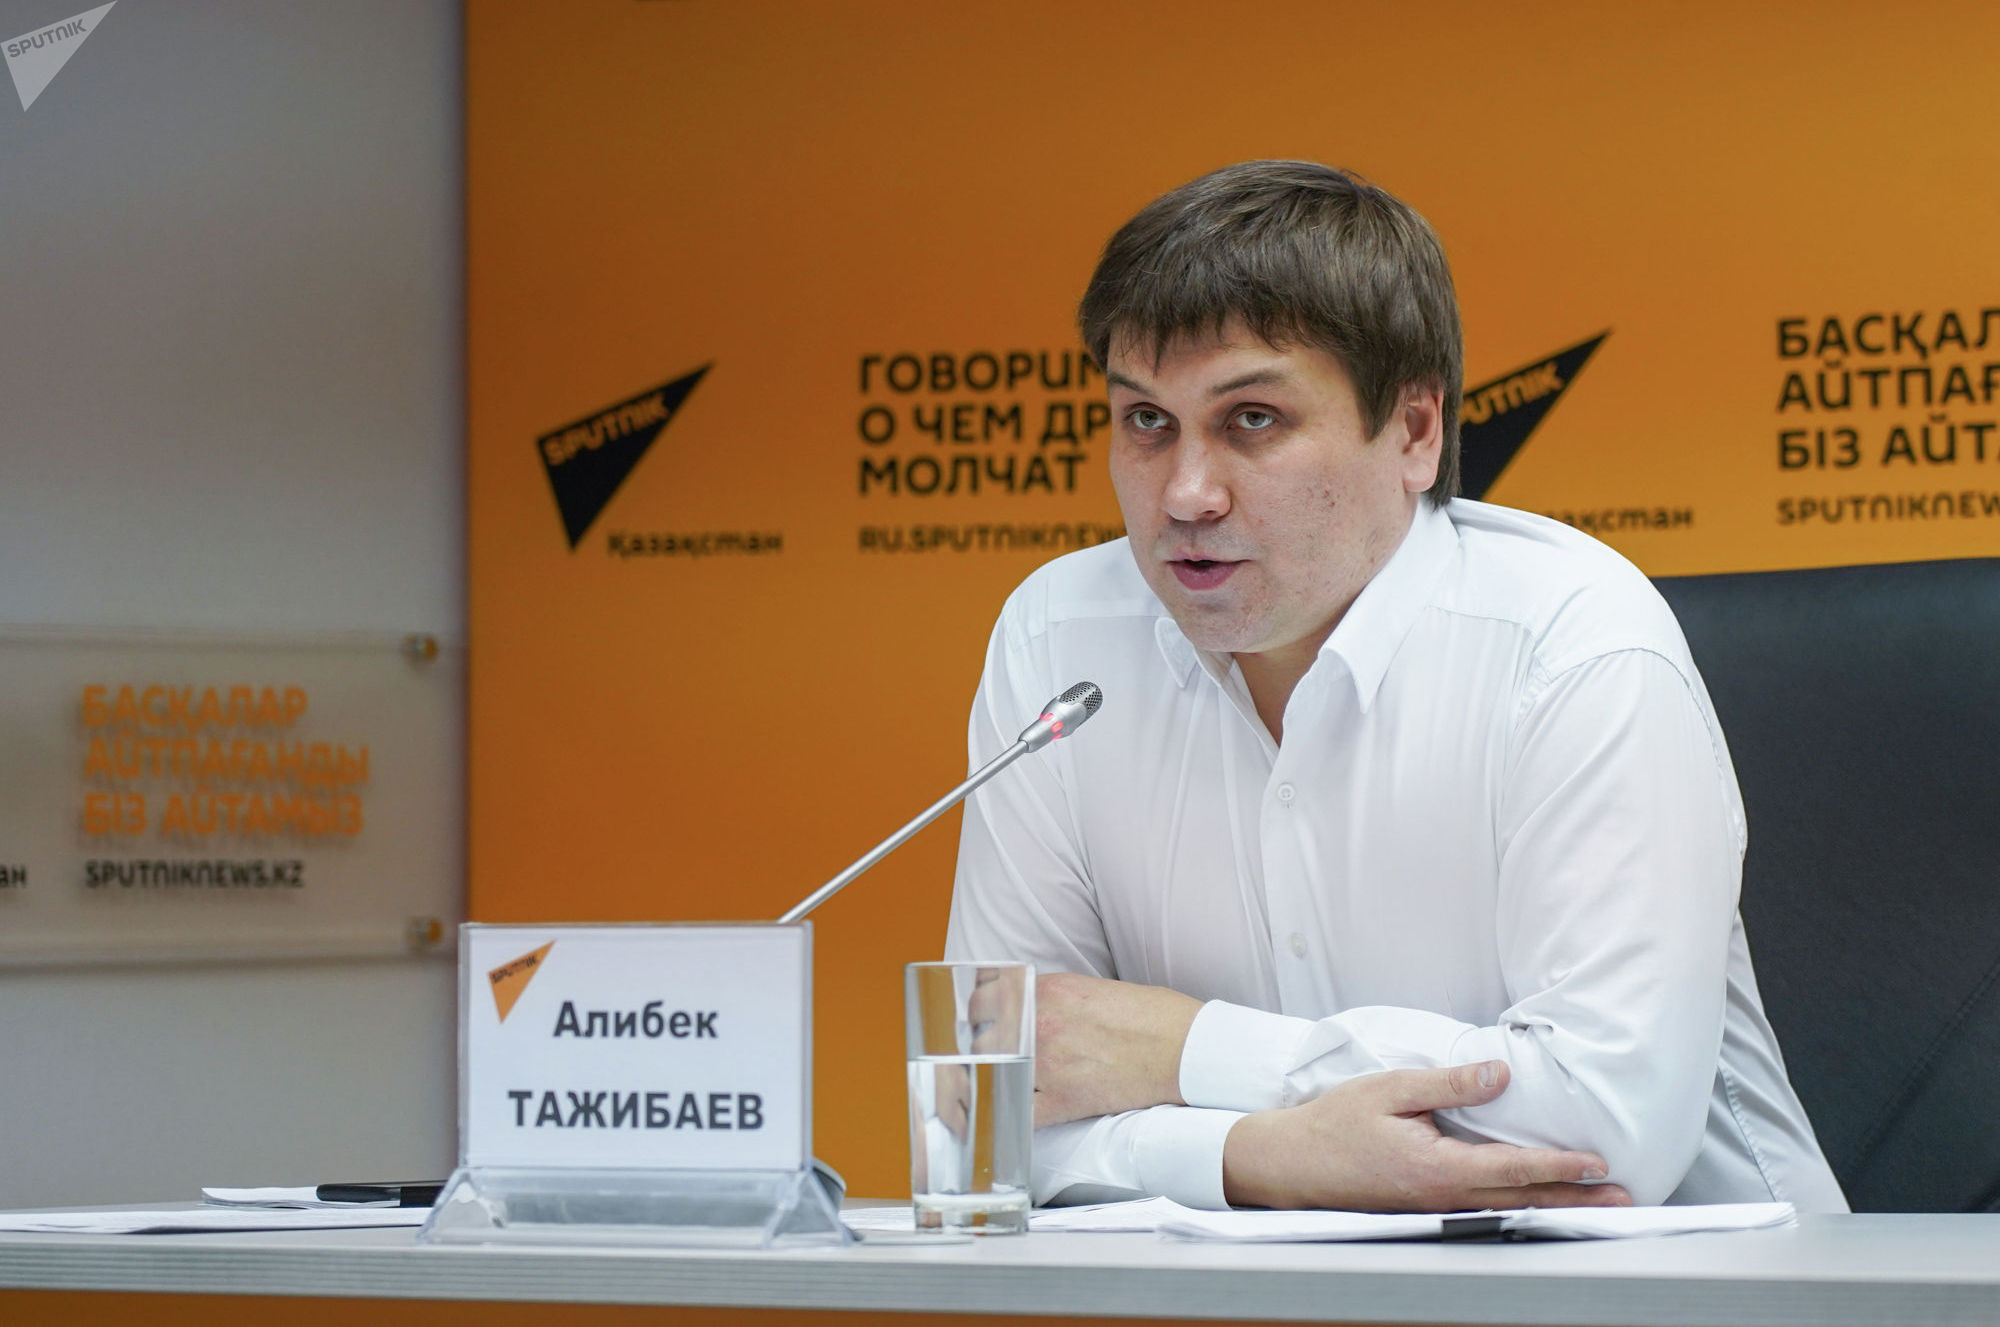 Алибек Тажибаев